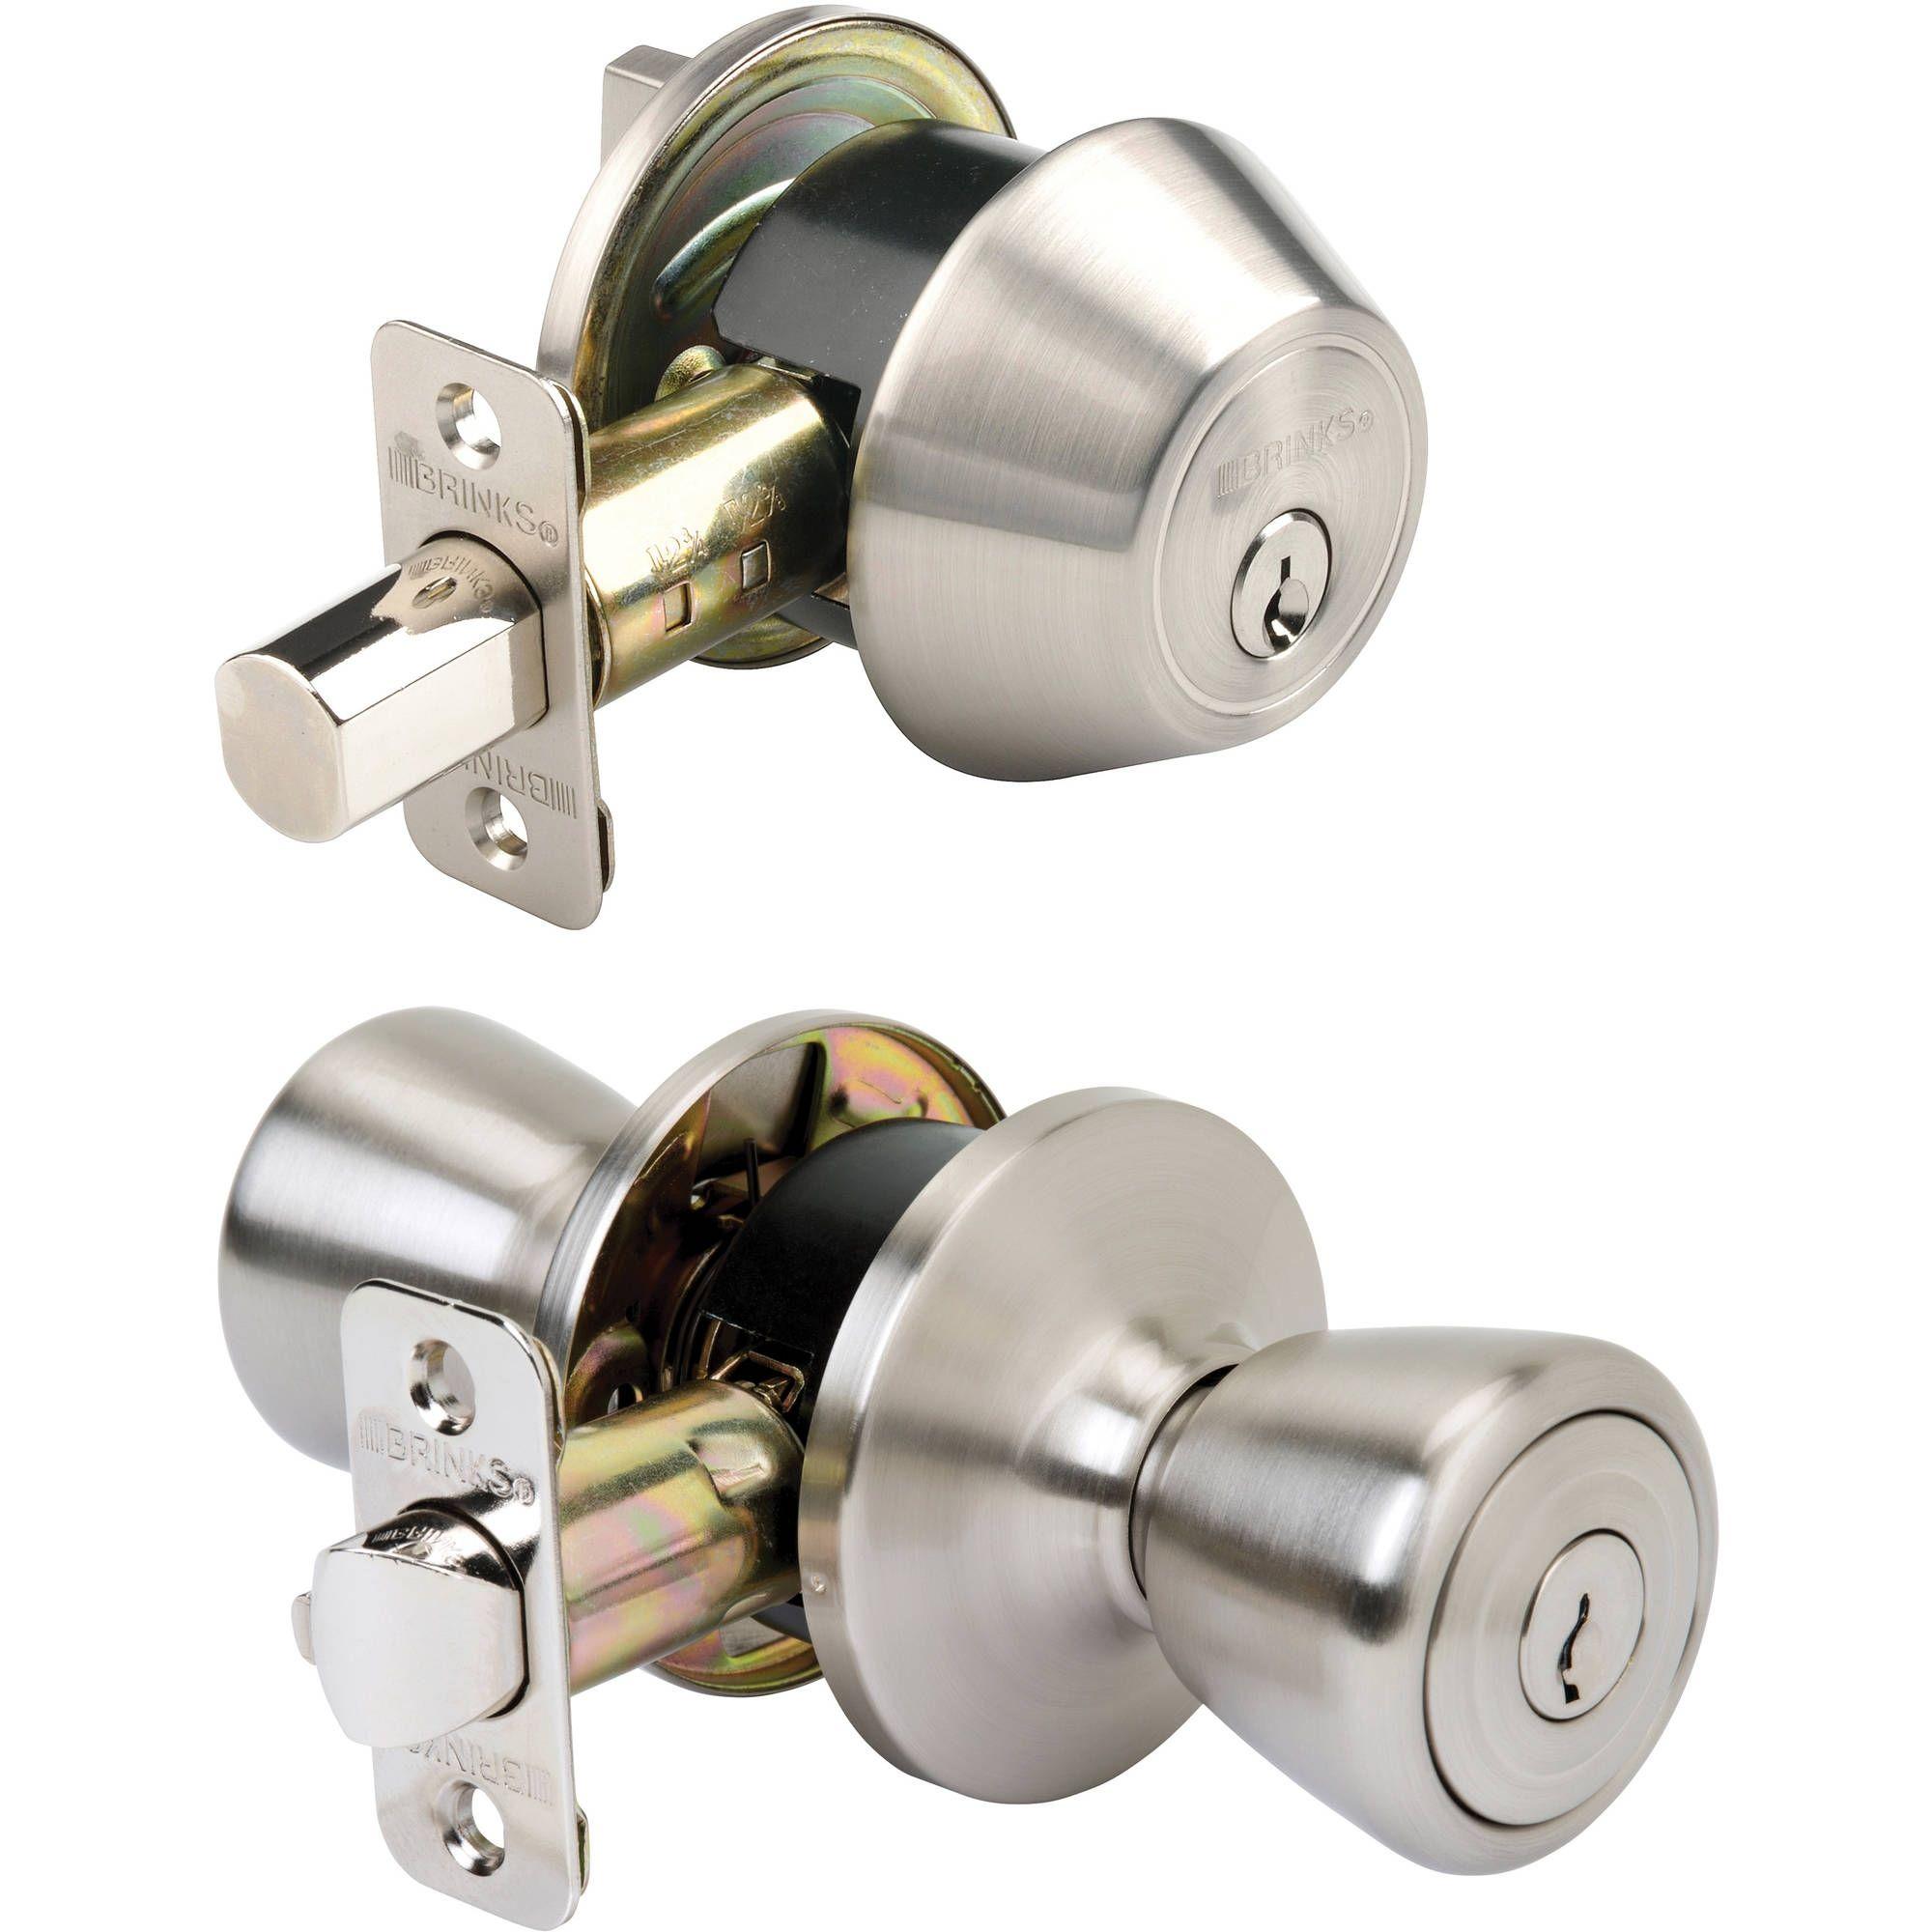 amerilock with improvement to knob doorknobs of door doors design nice photos ways flush graphics fresh home locks wikihow knobs beautiful keys pick